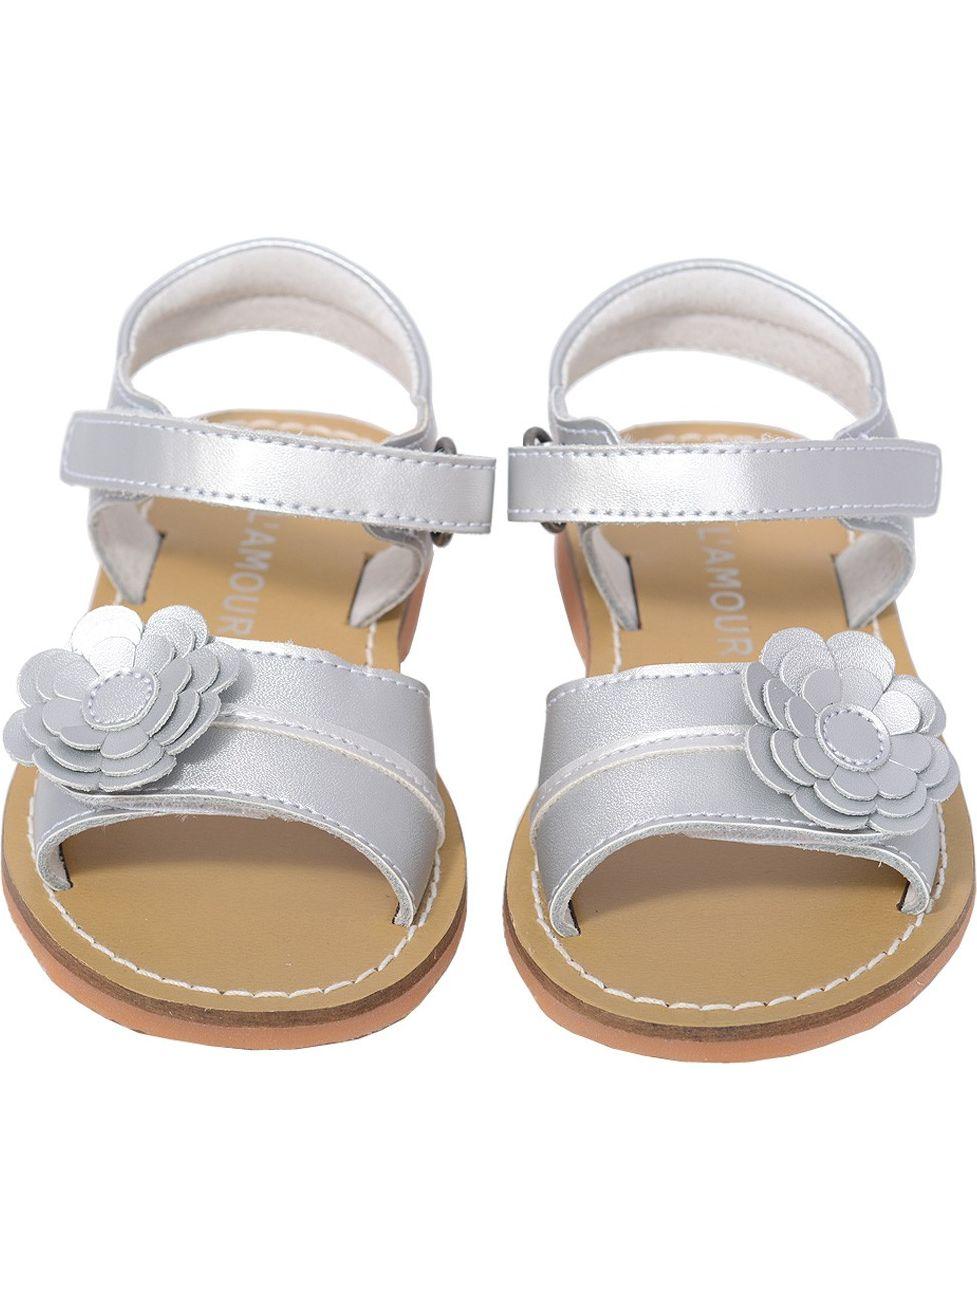 L'Amour Silver Flower Toddler Spring Summer Sandal Shoe Toddler Flower Girl 5-10 526b9e